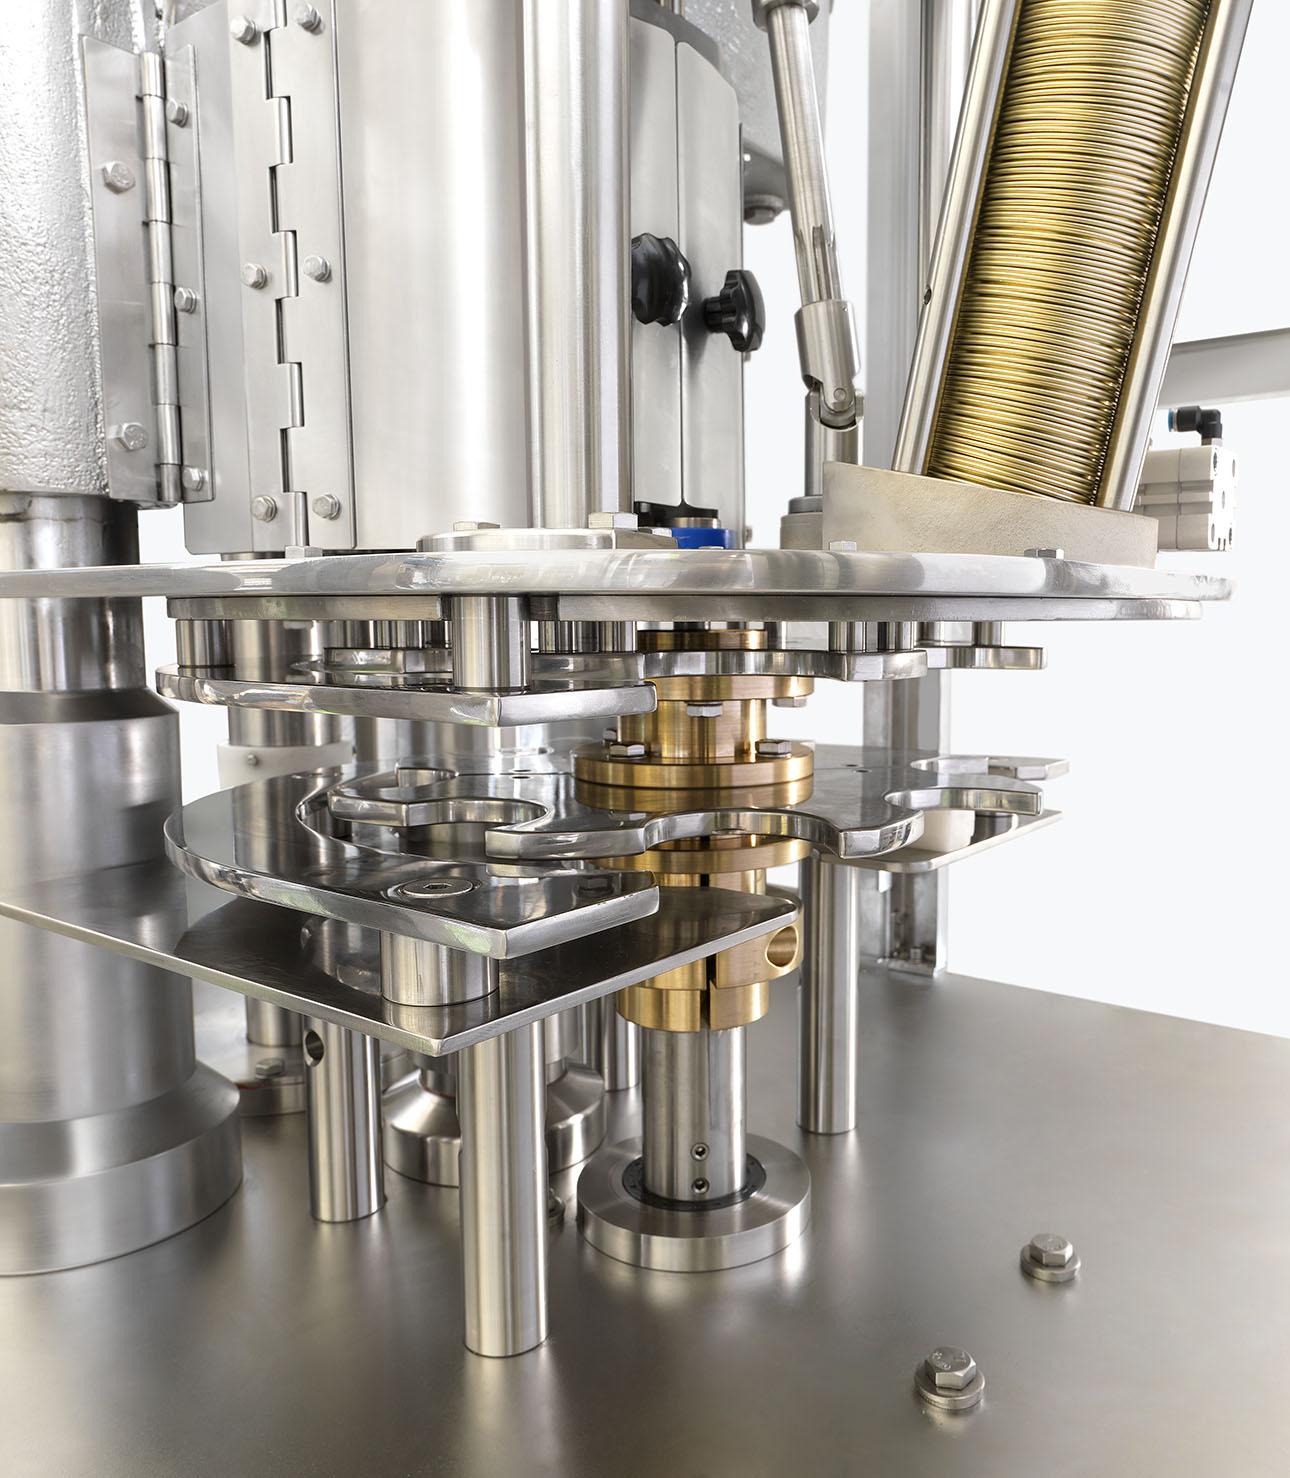 k40 bonicomm aggraffatrice automatica industriale economica vista stelle